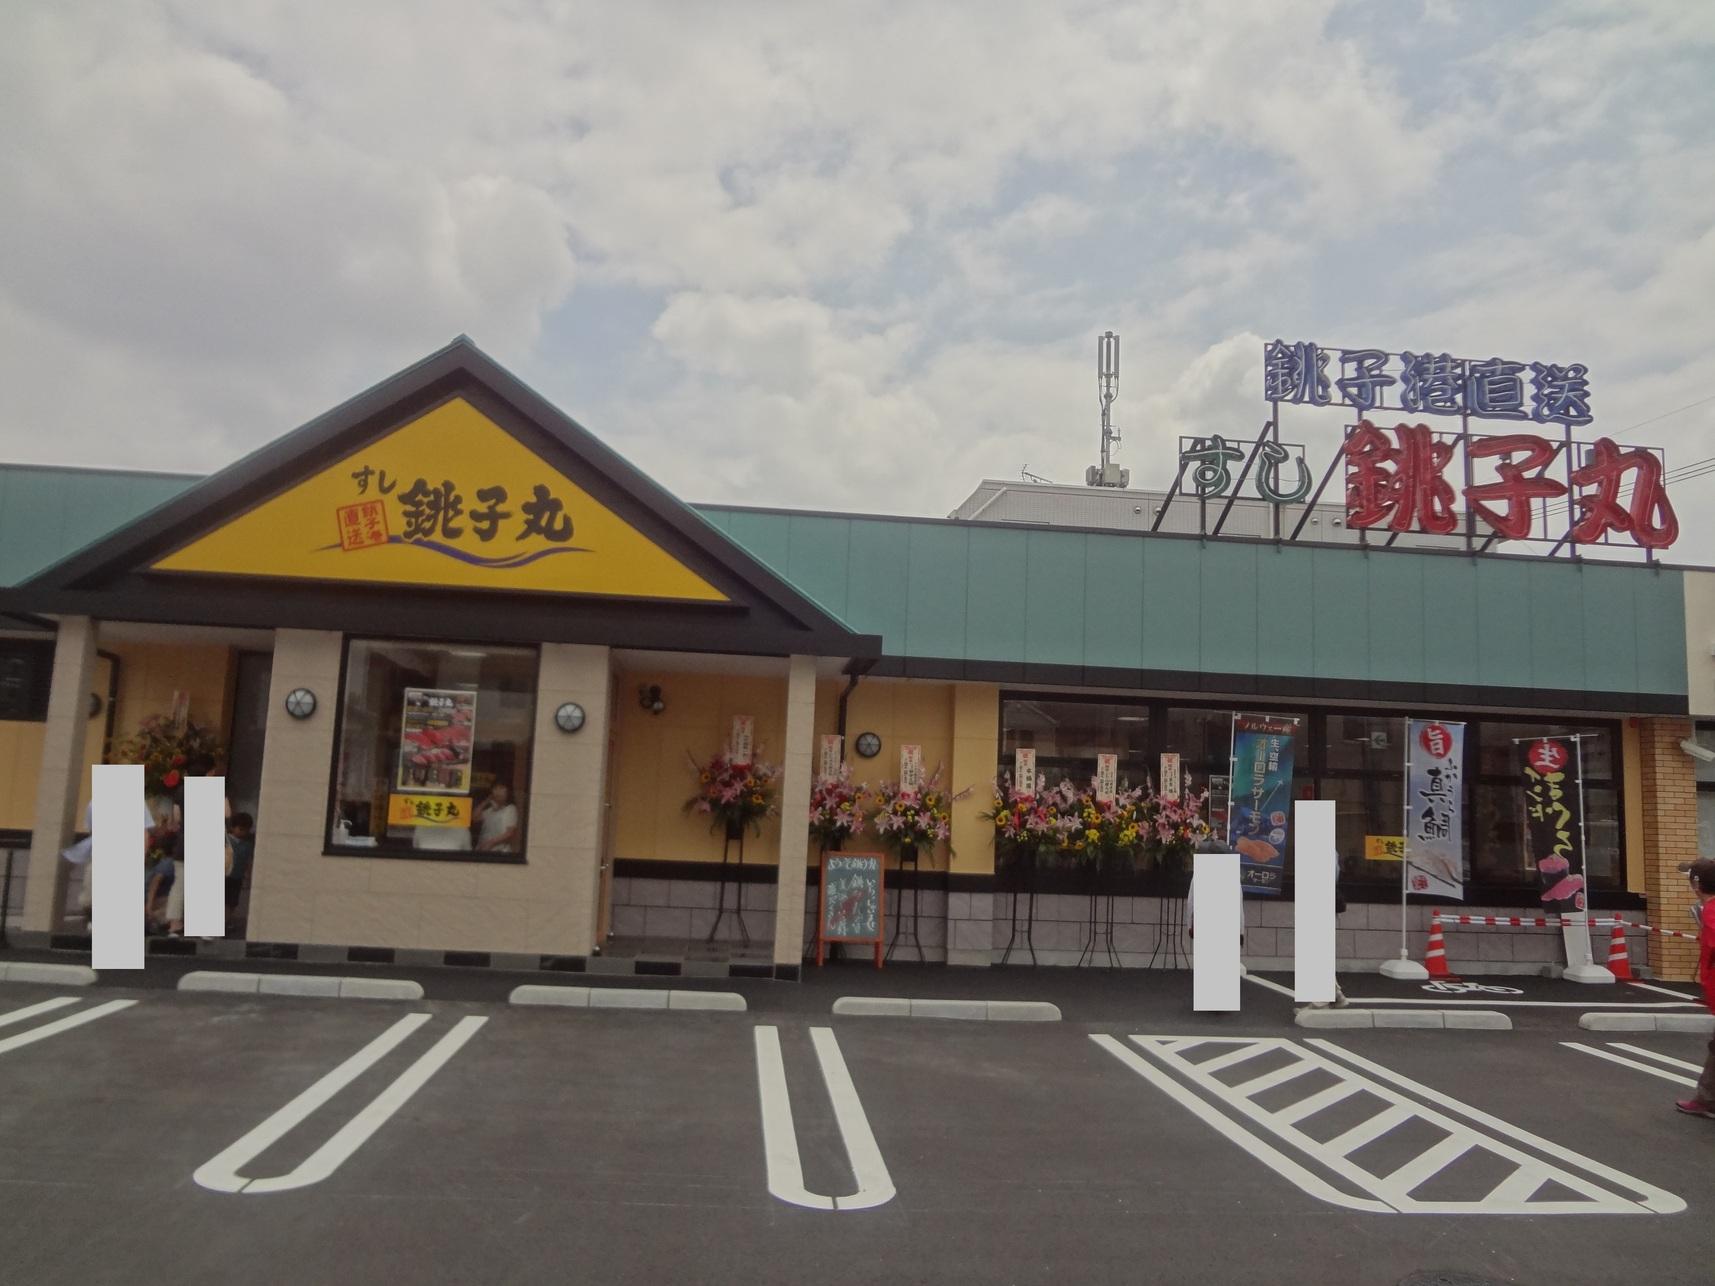 すし 銚子丸 武蔵小金井店